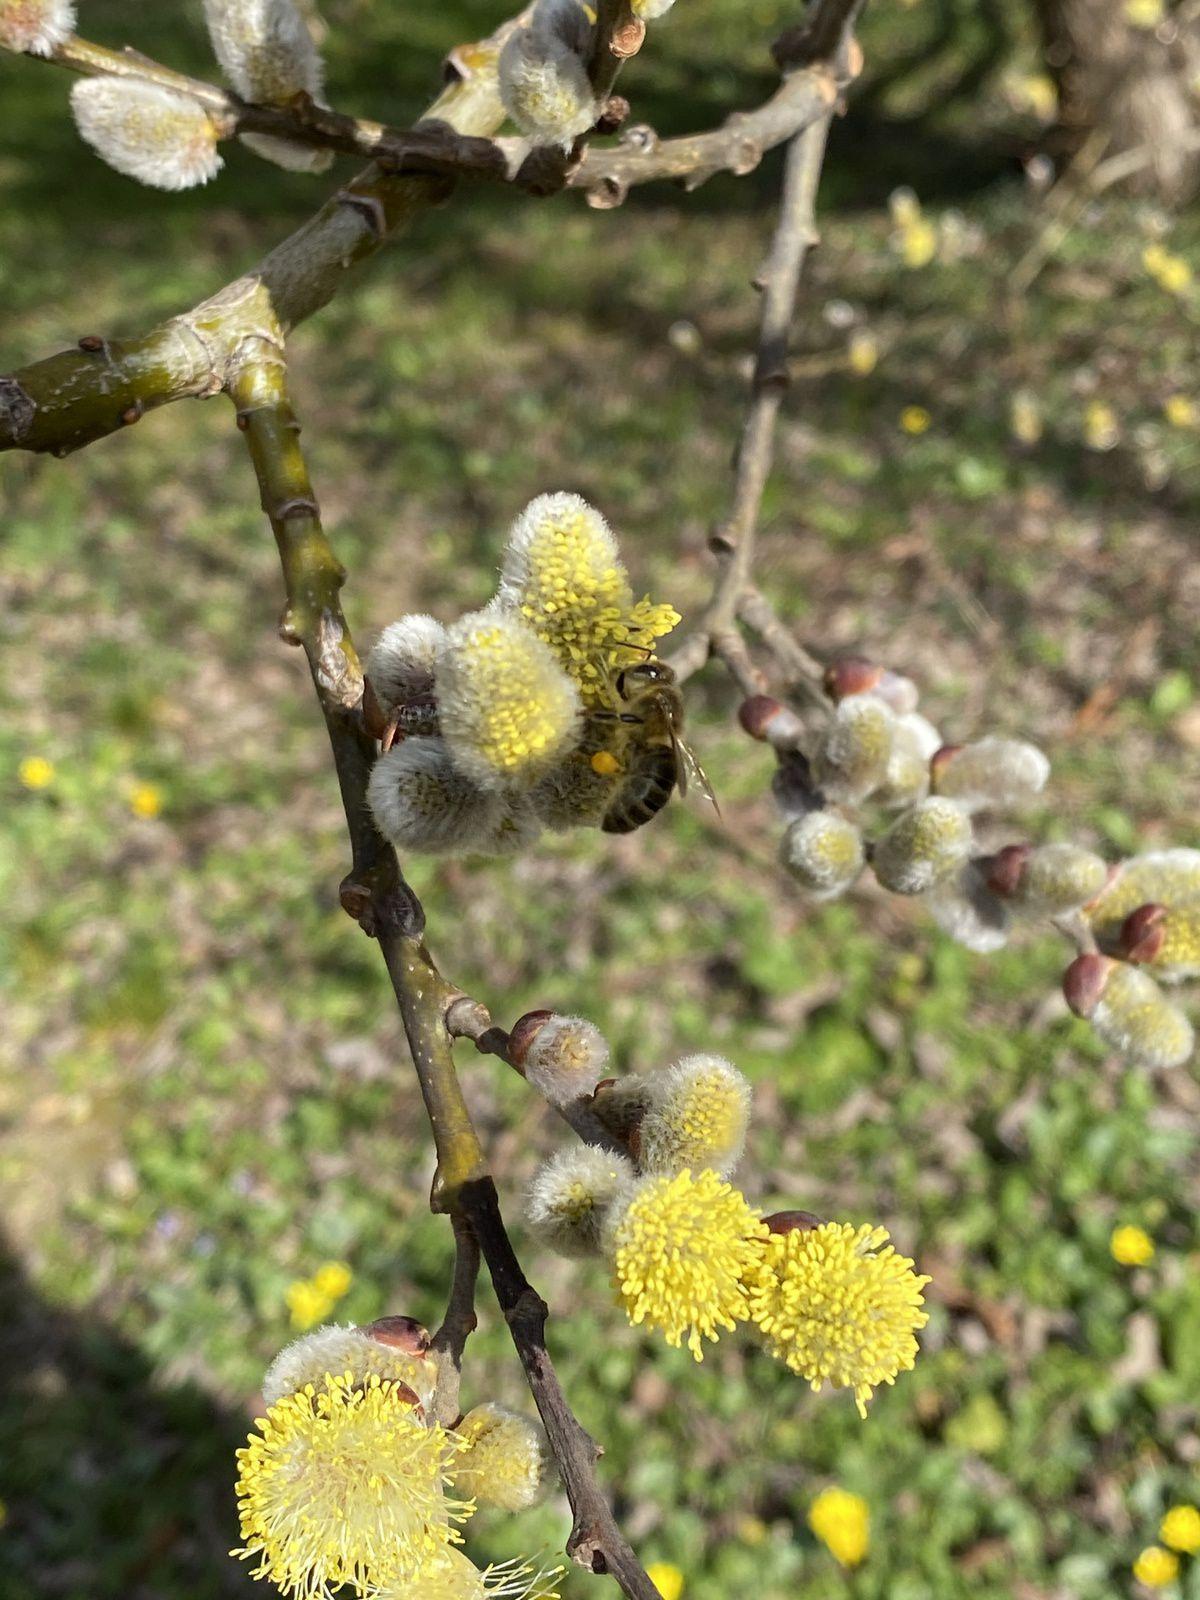 Les abeilles en sont friandes. Regardez cette belle pelote de pollen sur la patte arrière.